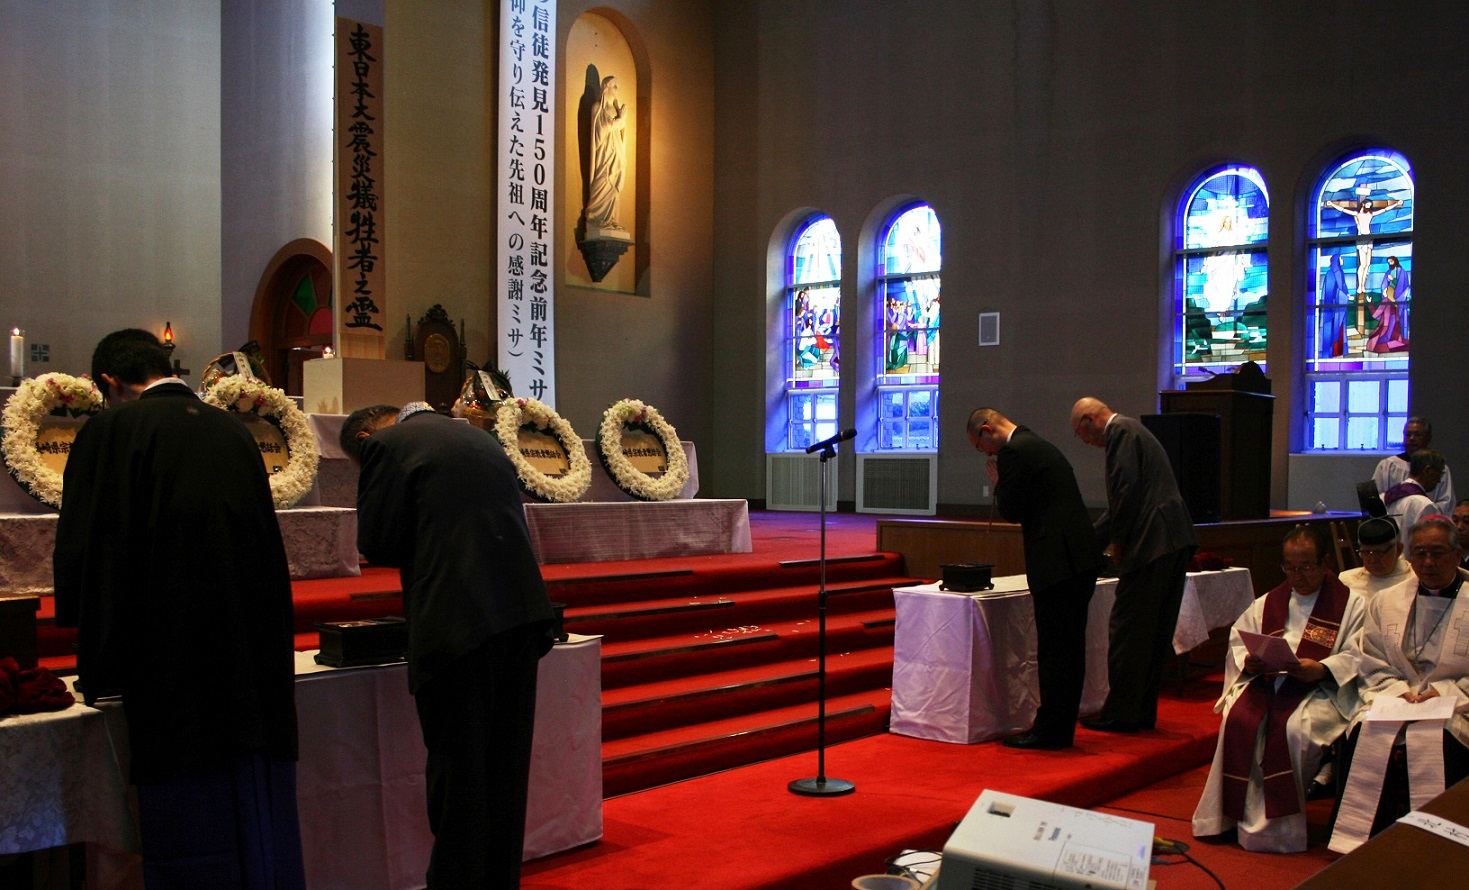 2014.3.9 東日本大震災諸宗合同祈念式典 IMG_8643